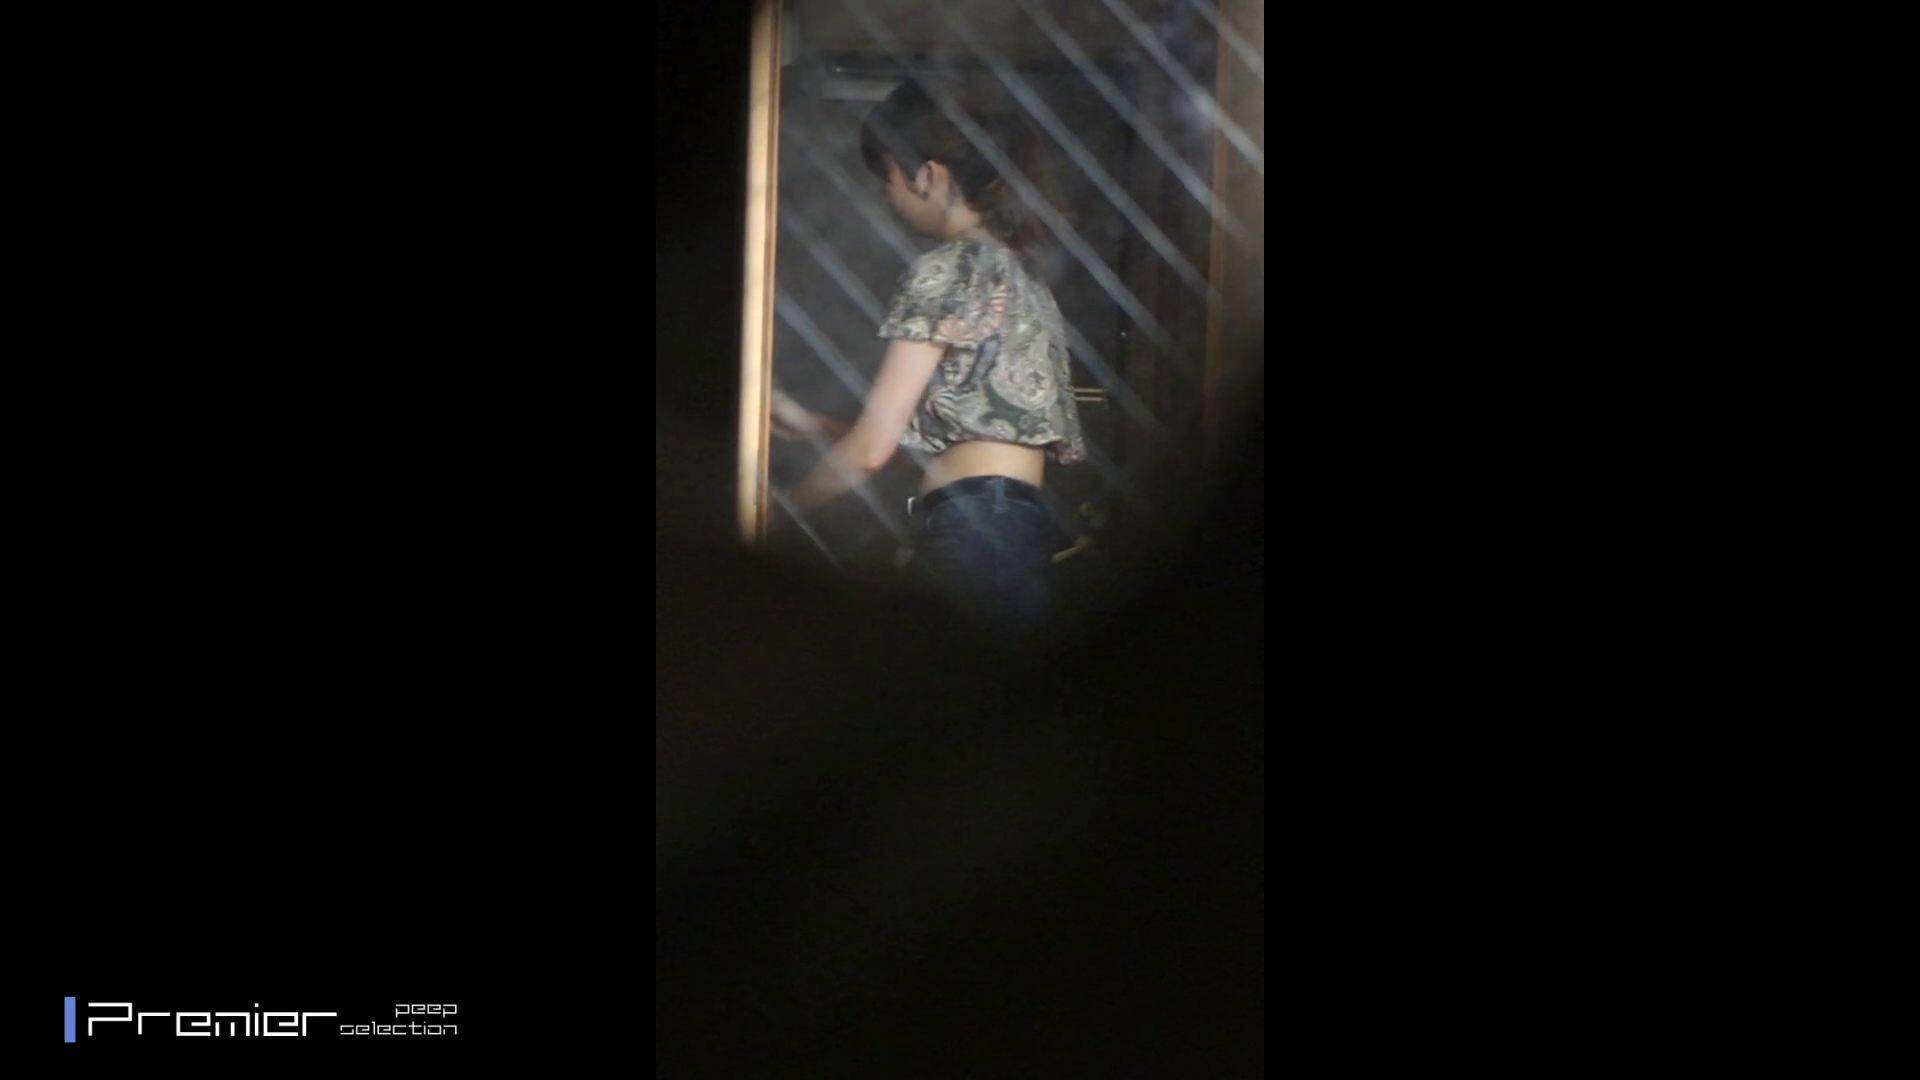 美人 OL のおっぱいとセクシーランジェリー  美女達の私生活に潜入! 美女 盗撮オマンコ無修正動画無料 47pic 21